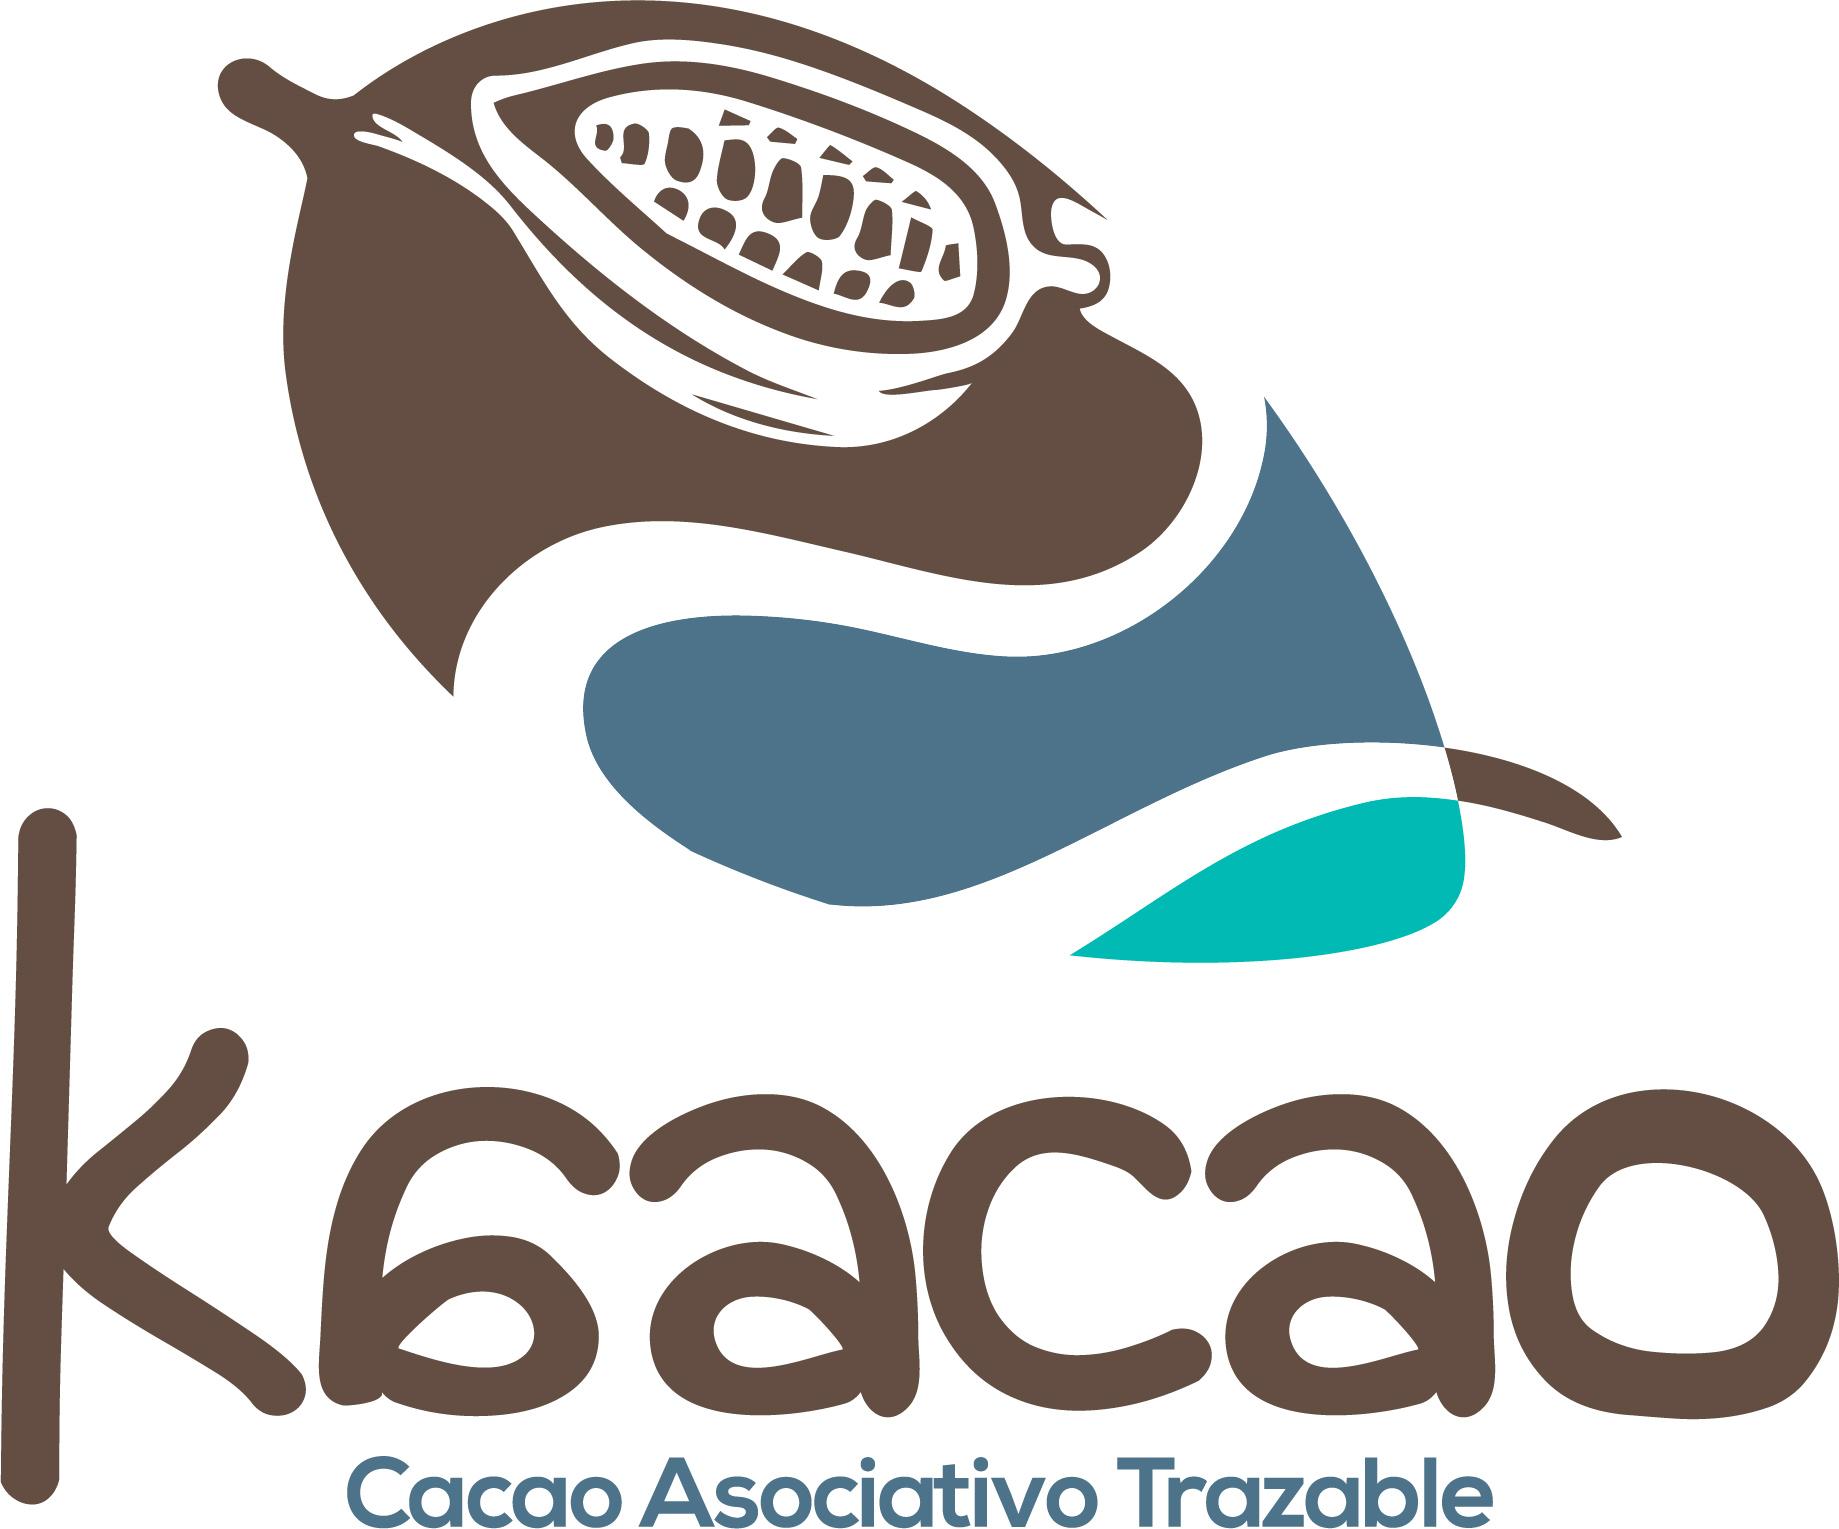 Kaacao logo